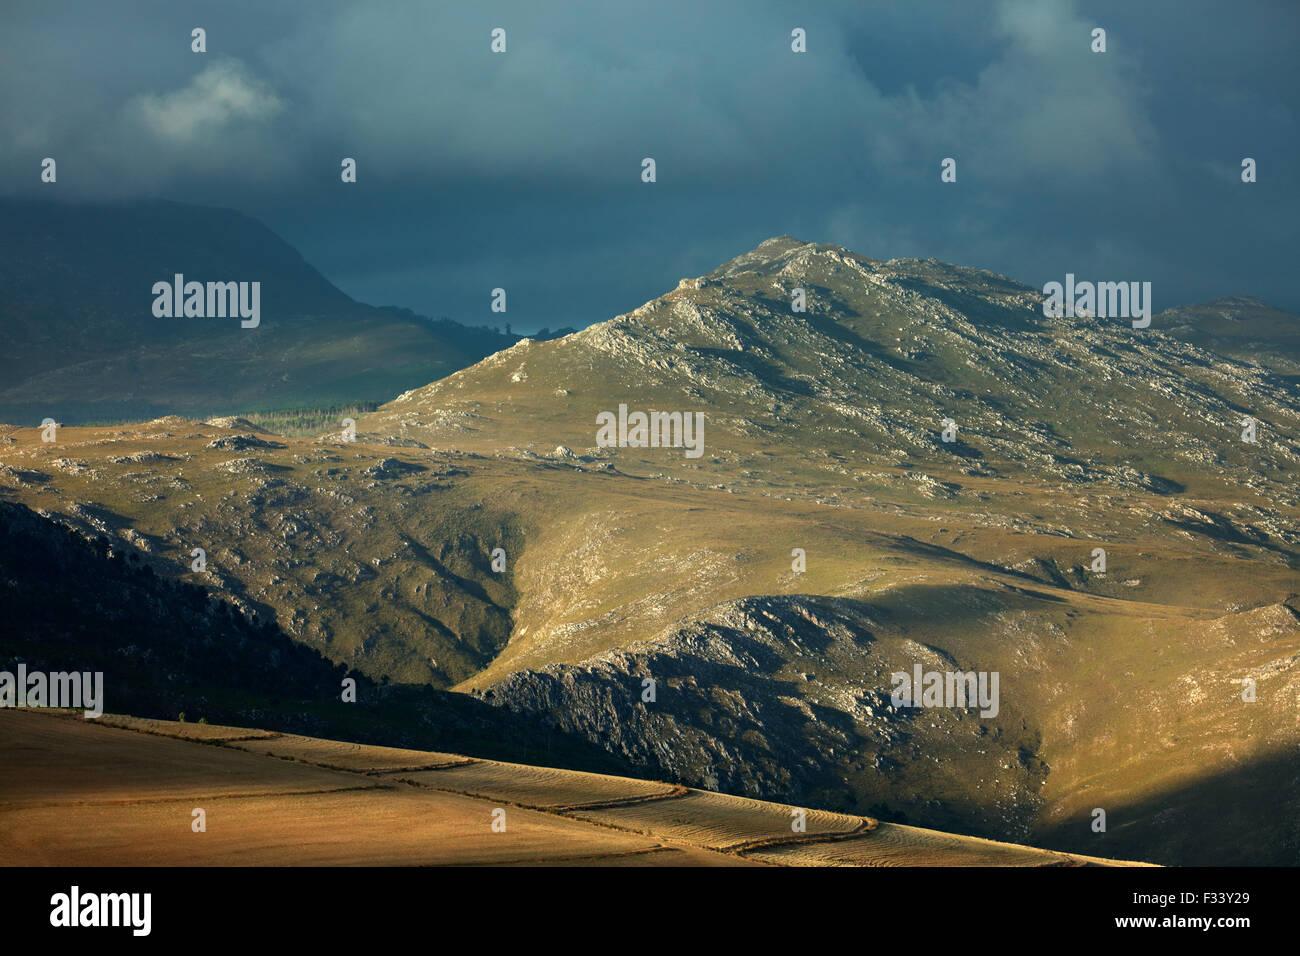 Montañas en la región de Overberg cerca Villiersdorp, Western Cape, Sudáfrica Imagen De Stock